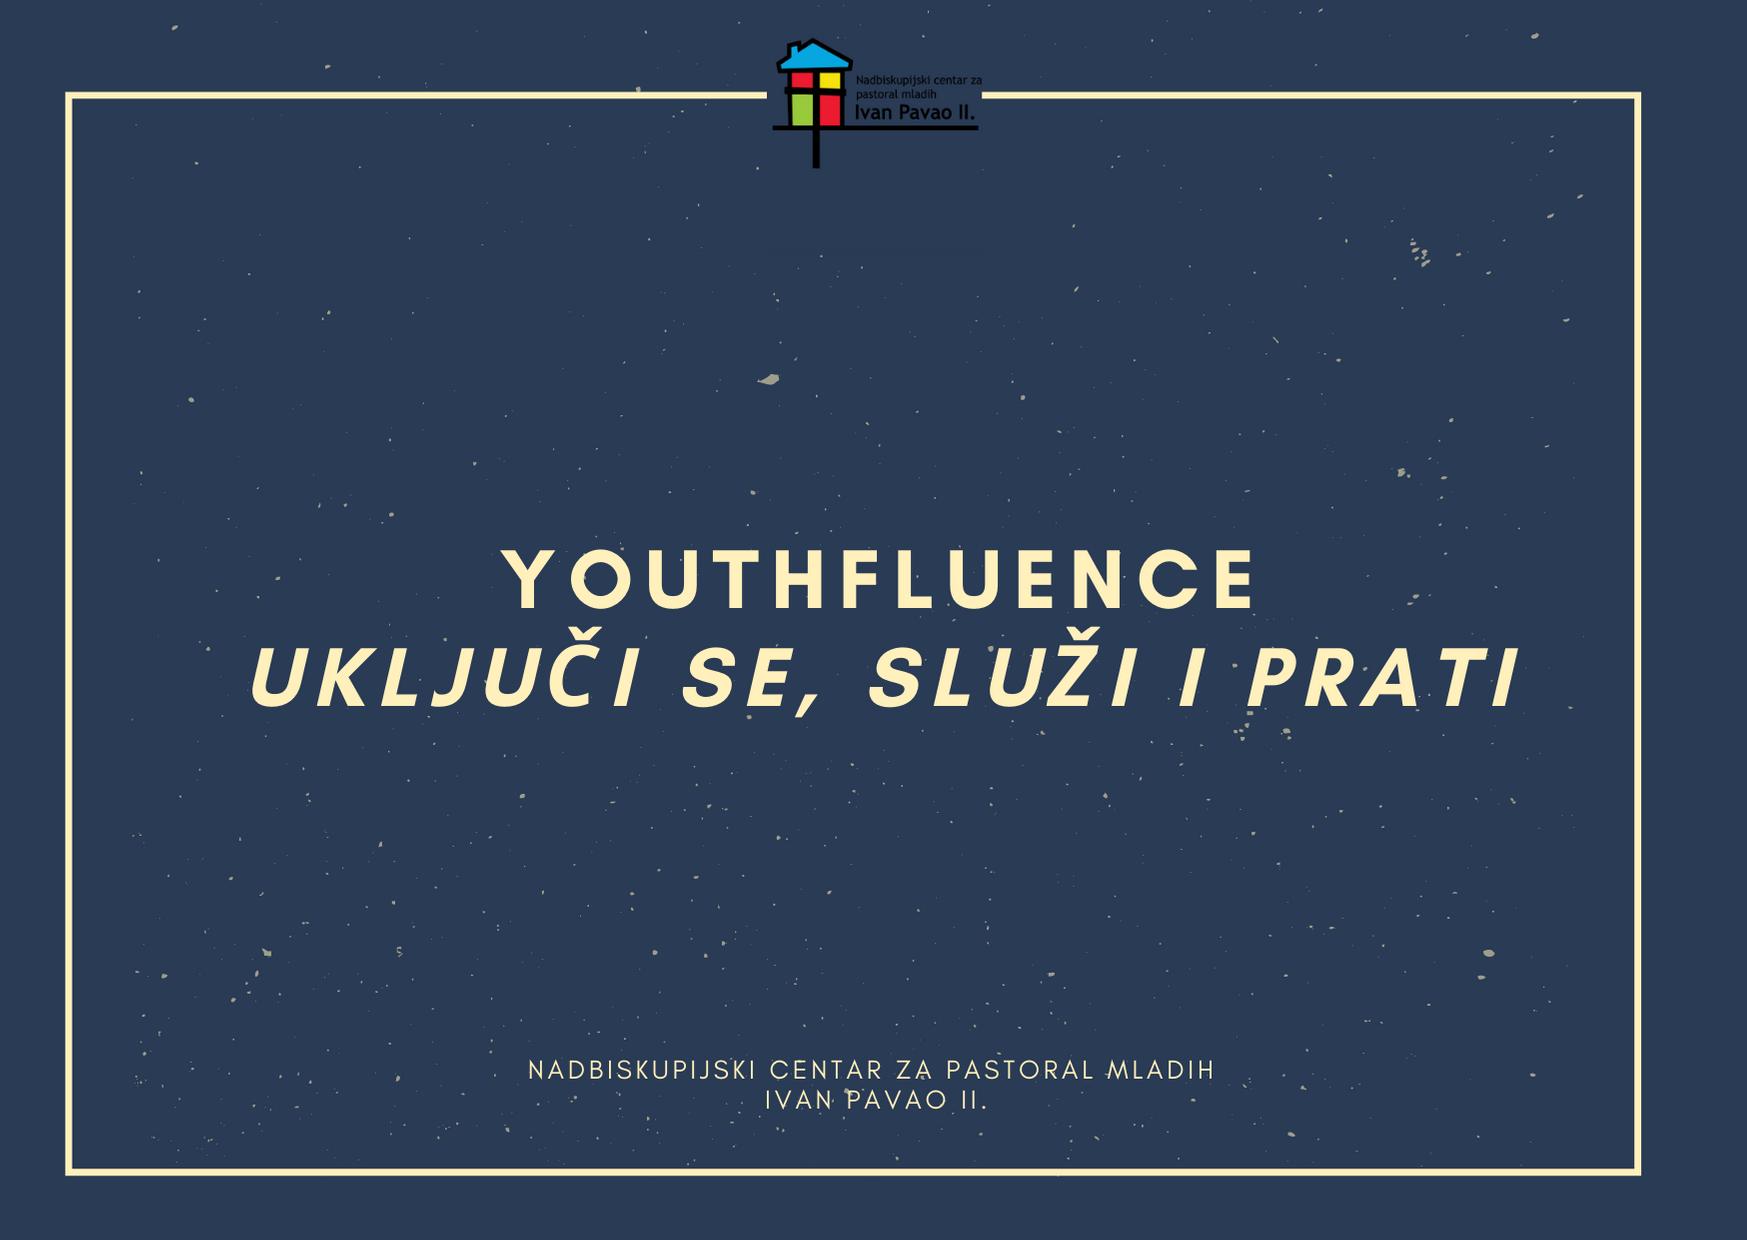 YouthFluence- Uključi se, služi i prati